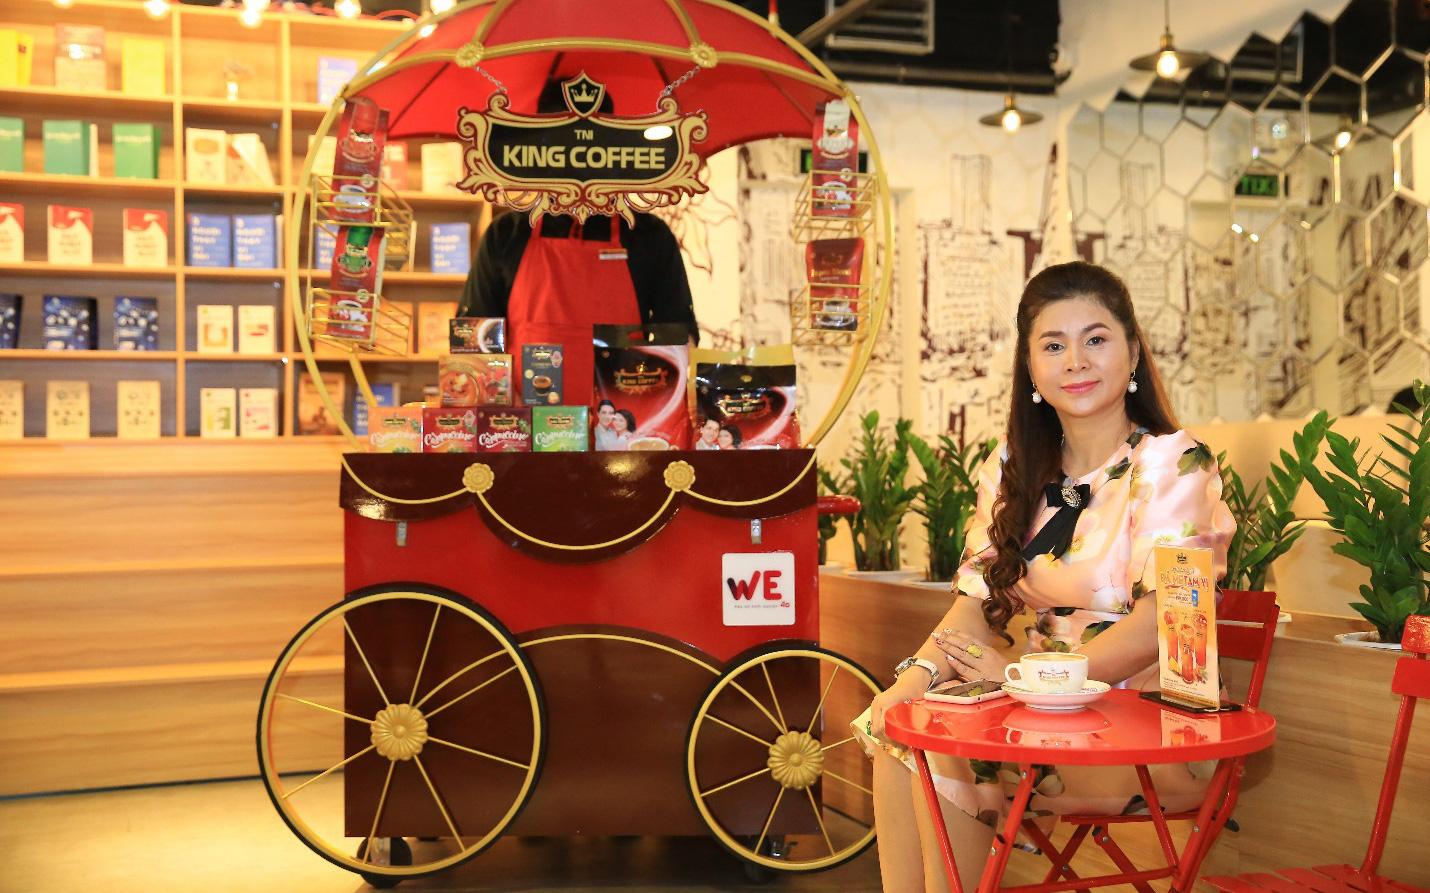 Bà Lê Hoàng Diệp Thảo: Việt Nam đang đứng trước cơ hội bứt phá và vươn mình thành cường quốc số 1 về cà phê